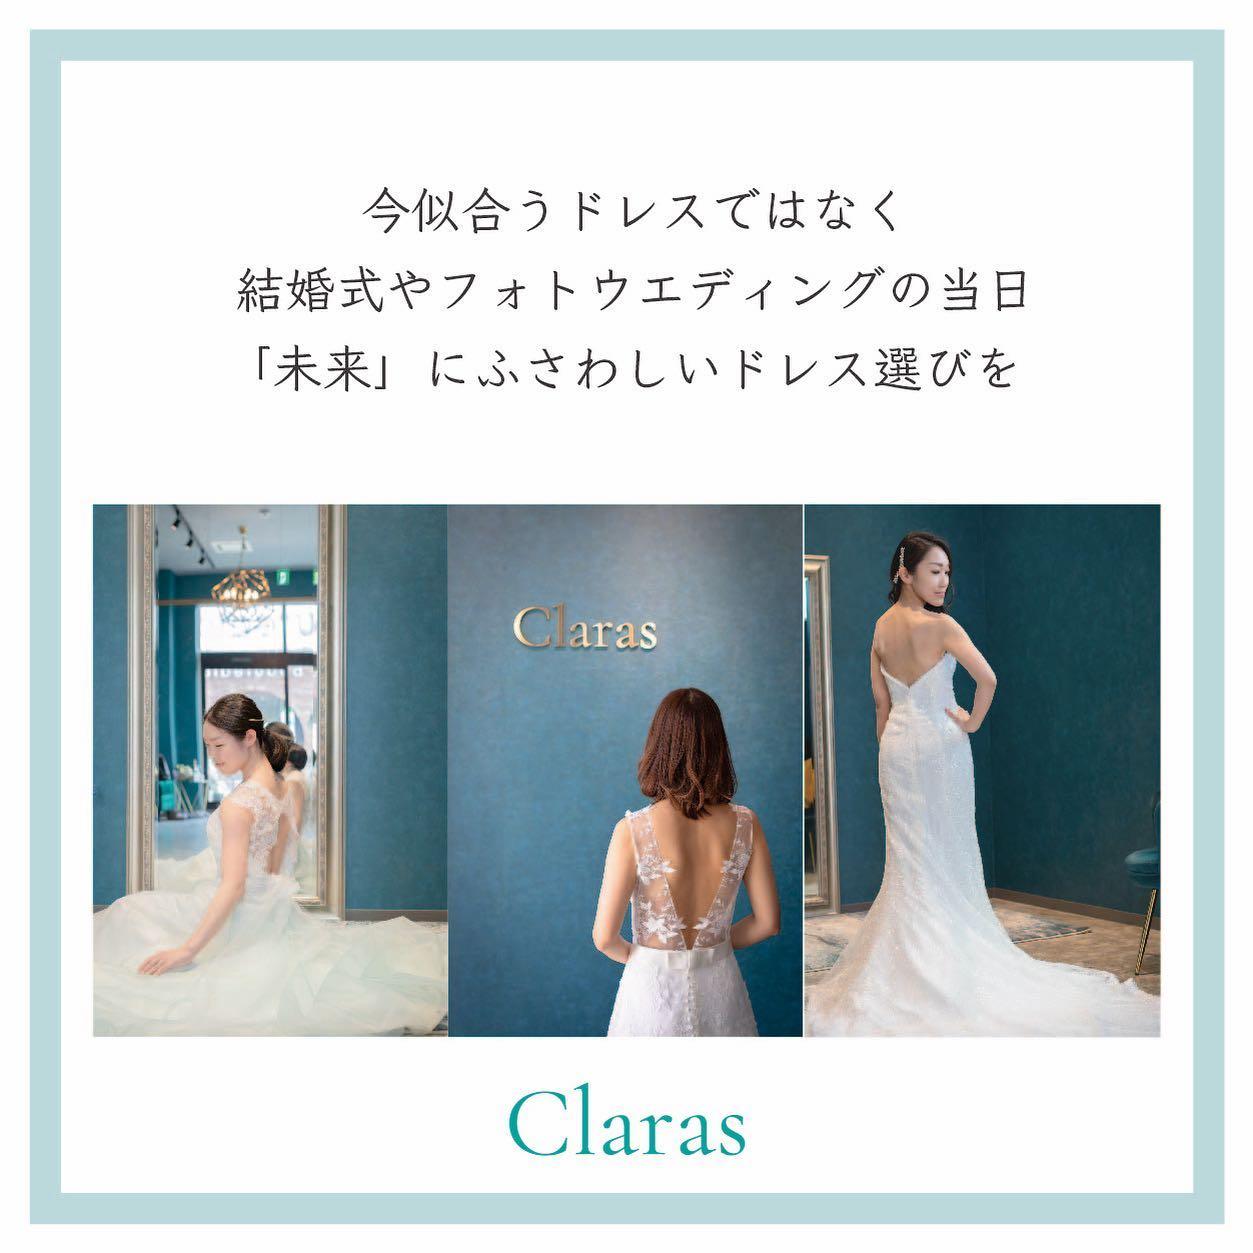 """🕊Claras のドレス選びの信念🕊試着当日にお似合いになるドレスではなく未来にふさわしいドレス、非日常の大切な日のためのドレスをとことんご提案します・お客様のドレス選びの価値を変えたい🤍ドレスを選のではなくClarasを選んでいただけるように🕊・本当のドレス選びの楽しさを感じて欲しい・インポートドレスを適正価格でお届けするのがClaras・レンタルでは叶わない繊細で上質な素材も、ジャストサイズだから再現できるデザイン美も・Parisに関連会社があるからこそ直輸入での適正価格が叶う・Clarasは1組ずつ貸切でご案内寛ぎながら本当にその方に合った1着へと導きます自分だけのための1着を選びに来てください🤍結婚式やフォトなど迷ってる方でもまずはClarasへ🕊・長年様々なウエディングに携わってきたClarasスタッフより、細かなカウンセリングを行い的確ななご提案をさせていただきますご予約はDMからでも承れます・New Normal Wedding Salon""""Claras""""https://claras.jp/・about """"Claras""""…(ラテン語で、明るい·輝く)As(明日· 未来, フランス語て最高、一番) ・明るく輝く明日(未来) に貢献したいという想いを込めています🕊Fashionの都Parisをはじめ、欧米から選りすぐりのドレスをこれから出逢う花嫁のために取揃えました・2021.3.7 (Sun)NEW OPEN・Dressから始まるWedding Story""""憧れていた Dress選びから始まる結婚準備があったっていい""""・さまざまな新しい「価値」を創造し発信していきますこれからの新しい Wedding の常識を""""Claras """"から🕊・New Normal Wedding Salon【Claras】〒107-0061 東京都港区北青山2-9-14SISTER Bldg 1F(101) 東京メトロ銀座線 外苑前駅3番出ロより徒歩2分Tel:03 6910 5163HP: https://claras.jp営業時間:平日 12:00-18:00 土日祝11:00-18:00(定休日:月・火)・#wedding #weddingdress #instagood #instalike #claras #paris #vowrenewal#ウェディングドレス #プレ花嫁 #ドレス試着 #ドレス迷子 #2021夏婚 #2021冬婚 #ヘアメイク #結婚式  #ドレス選び #前撮り #インポートドレス #フォトウェディング #ウェディングヘア  #フォト婚 #ニューノーマル #ブライダルフォト #カップルフォト #ウェディングドレス探し #ウェディングドレス試着 #セルドレス #ドレスショップ #バウリニューアル #運命のドレス"""